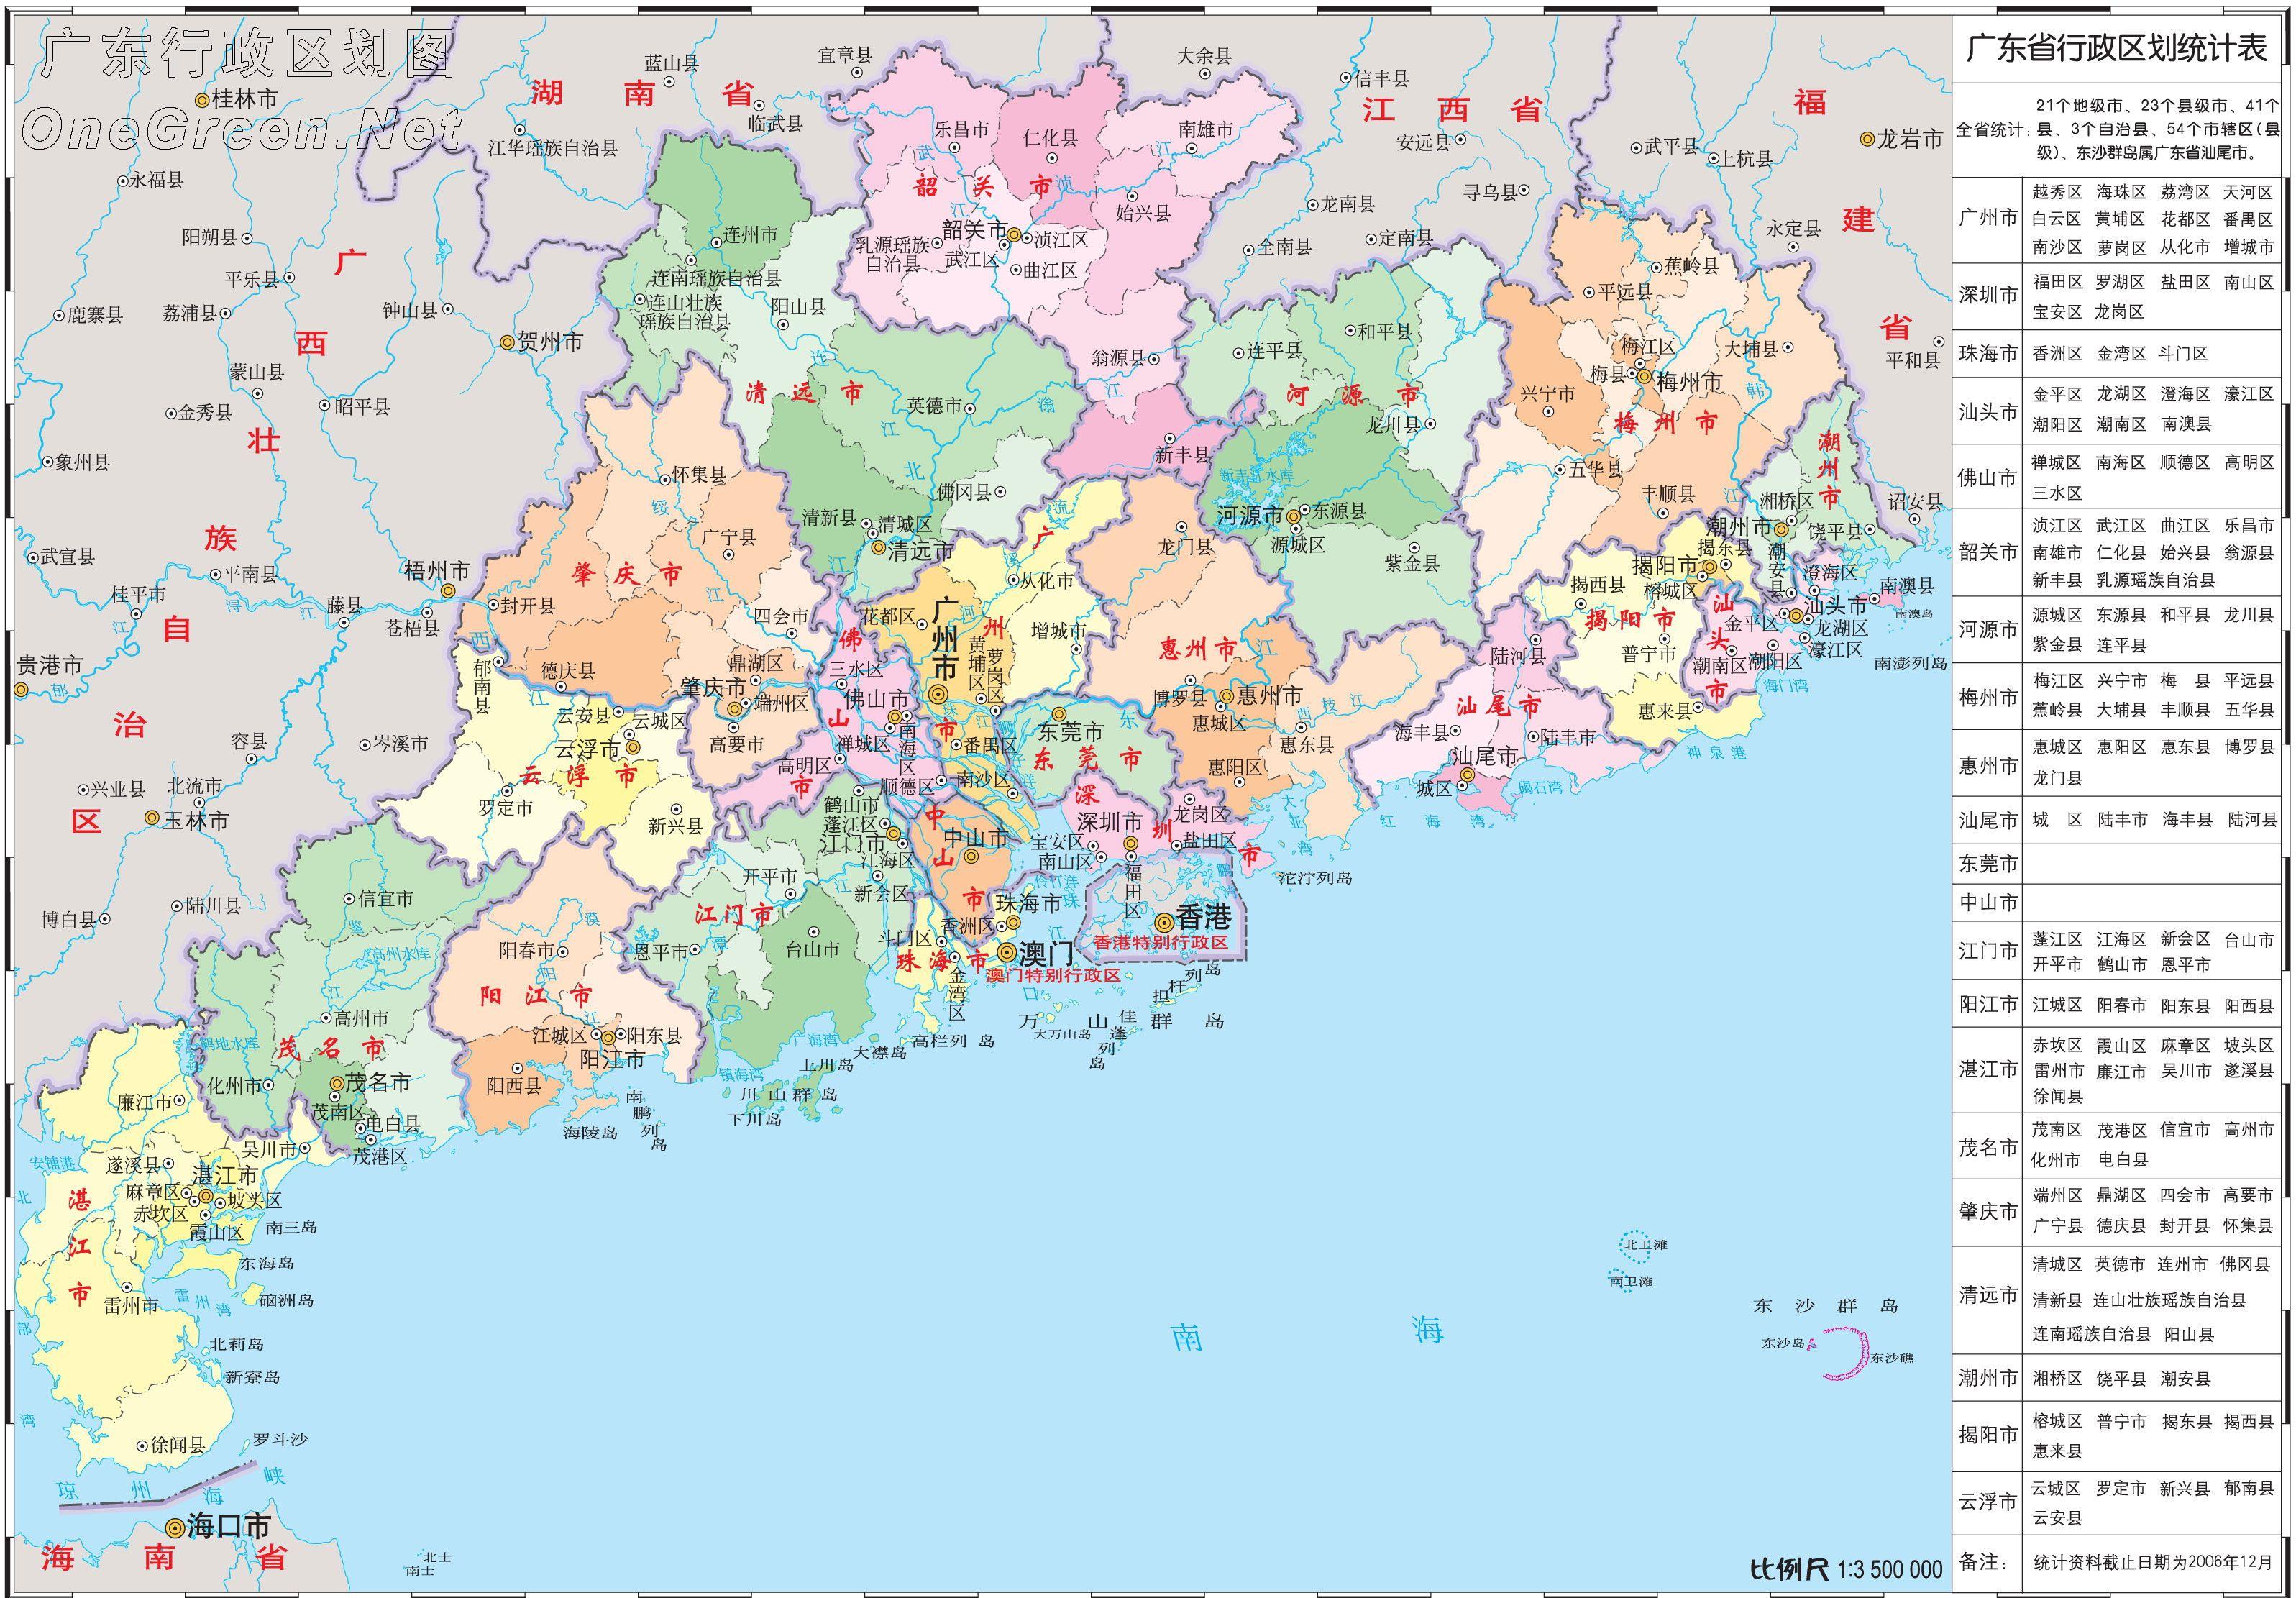 广东地图图高清图